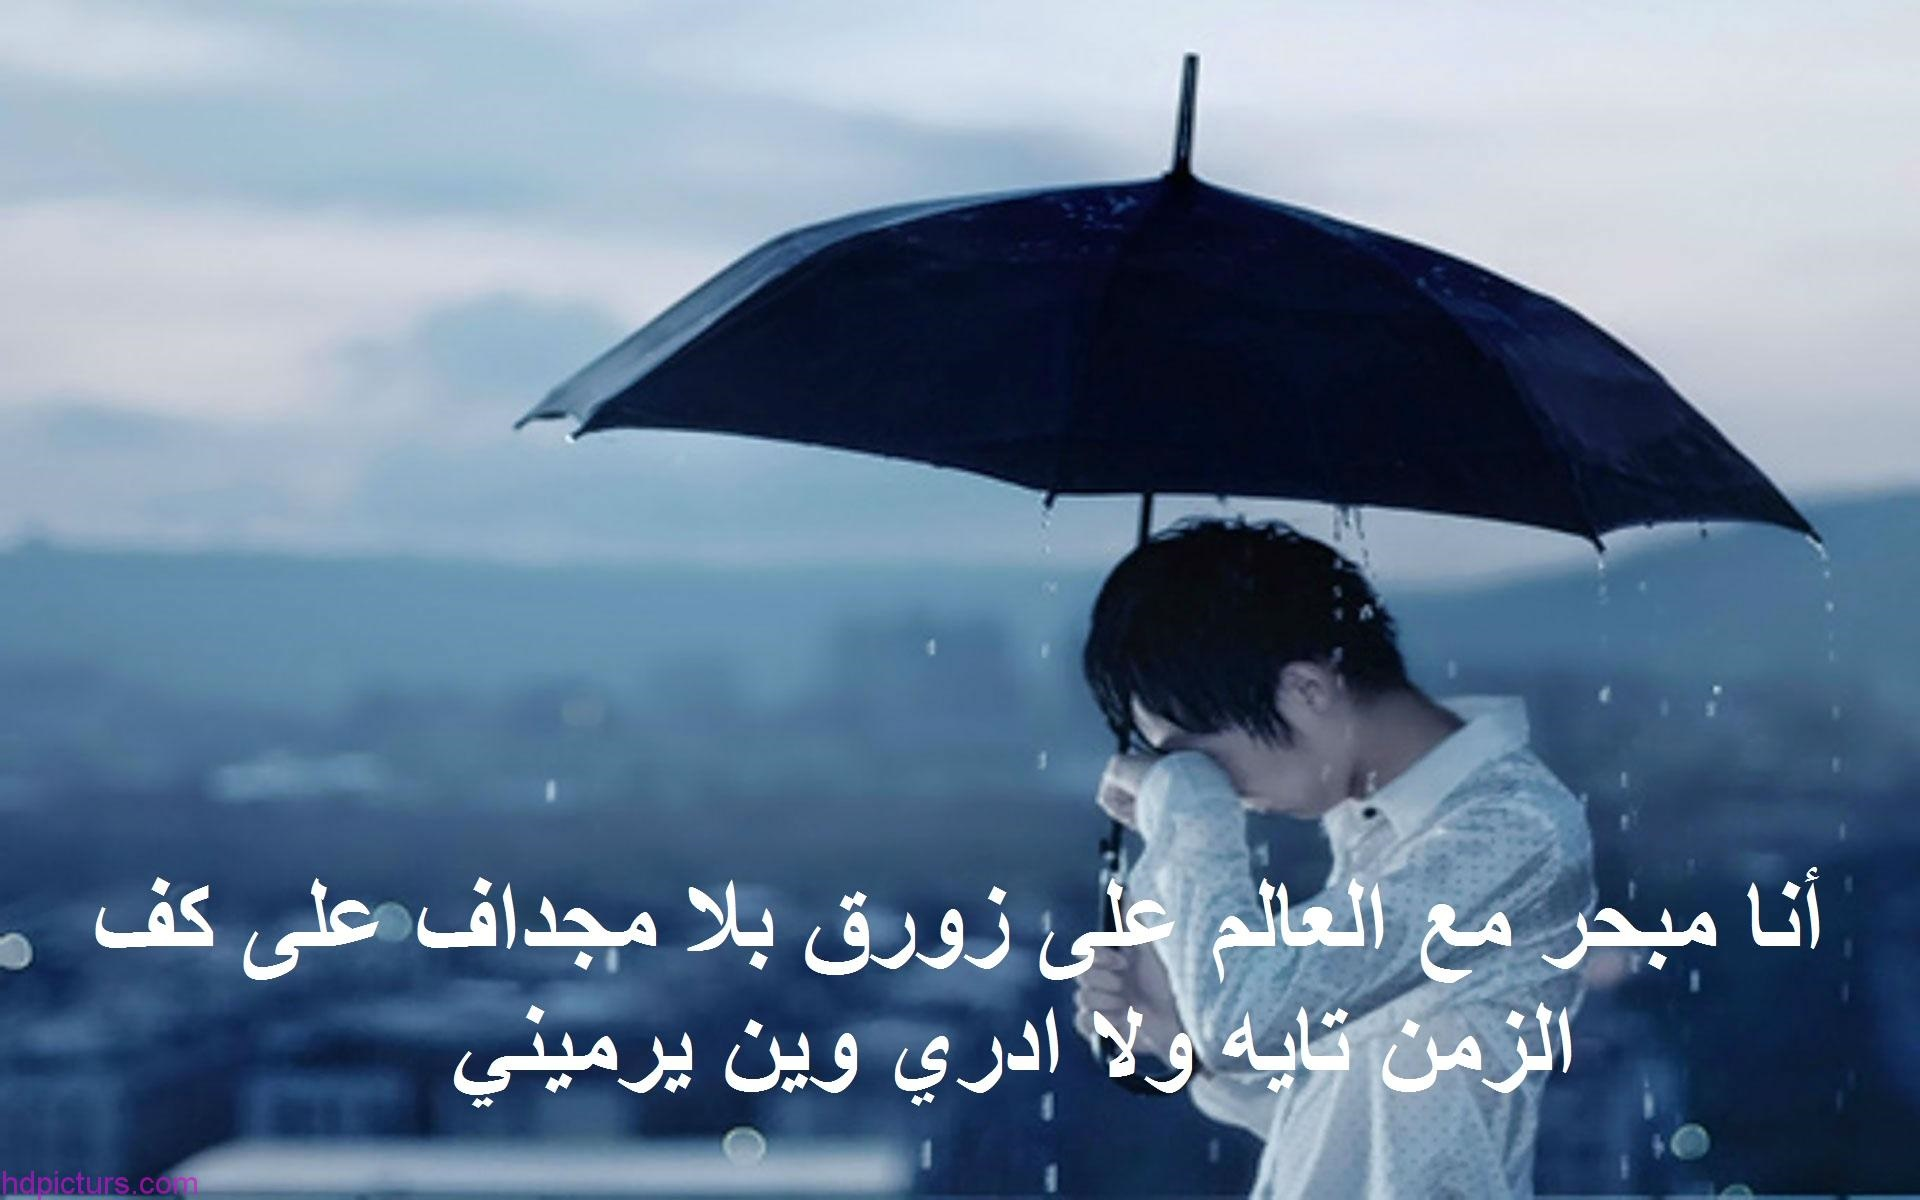 صورة اجمل الصور الحزينة للفراق , حزن الفراق ومايعبر عنه